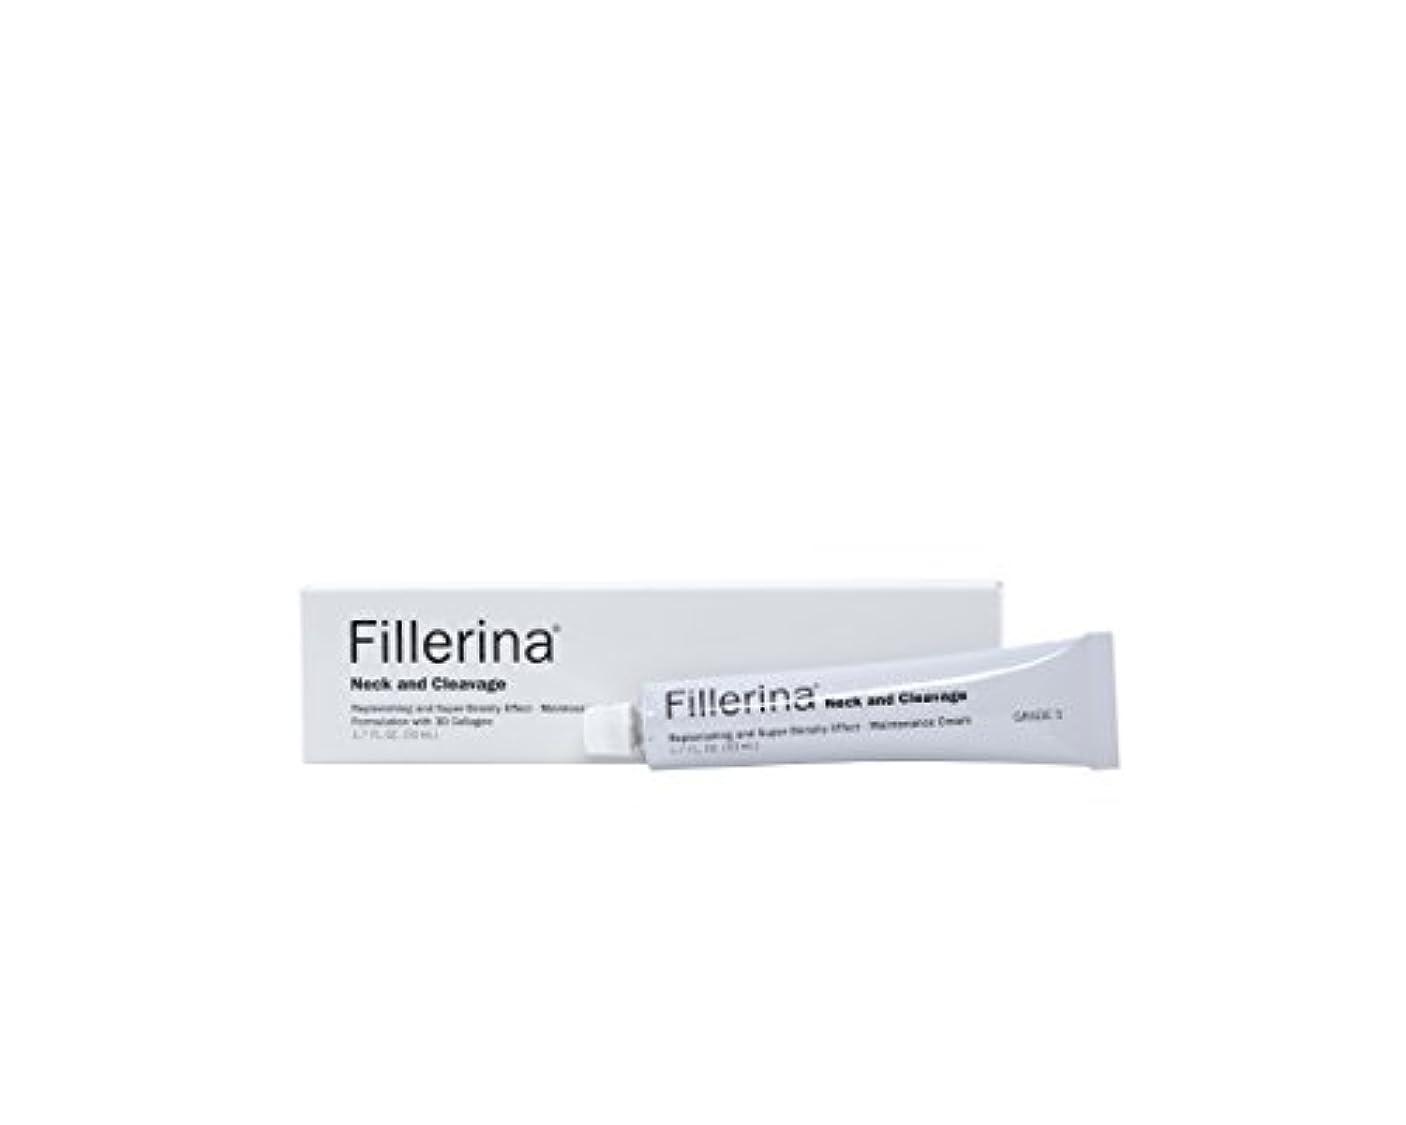 列車損なうクレデンシャルFillerina Neck & Cleavage Replenishing & Super-Density Effect - Maintenance Cream - Grade 5 50ml/1.7oz並行輸入品